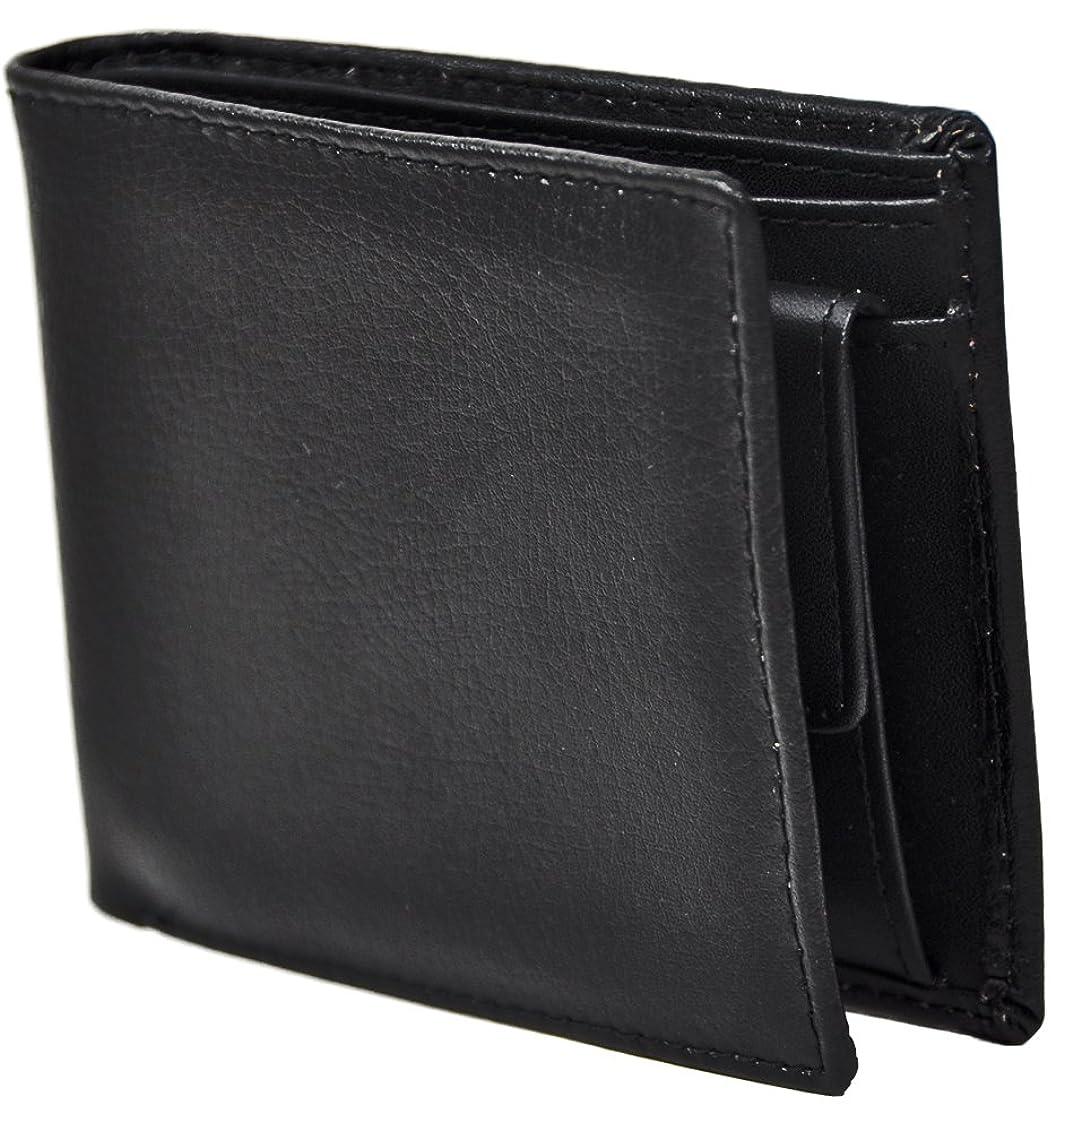 使用法ナイトスポット編集者牛床皮メンズ二つ折り財布